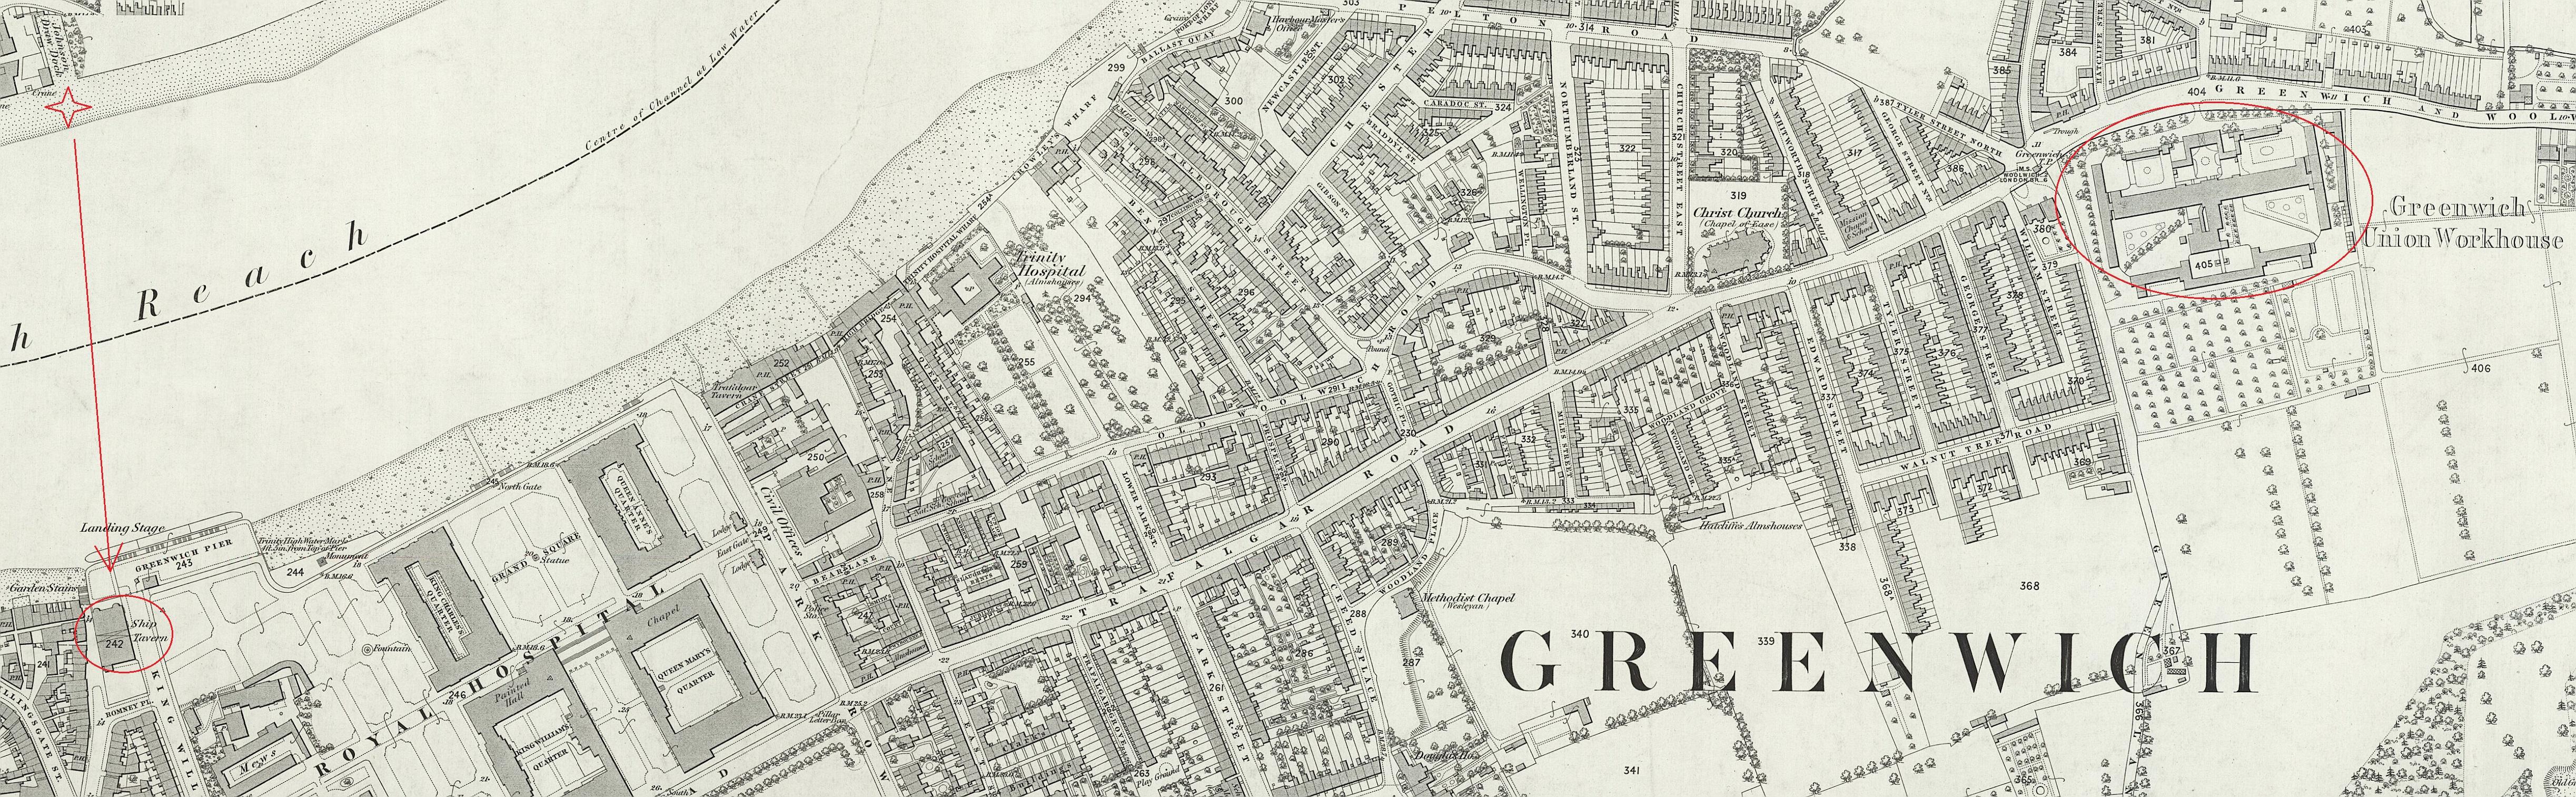 Greenwich detail map 1869 w markings